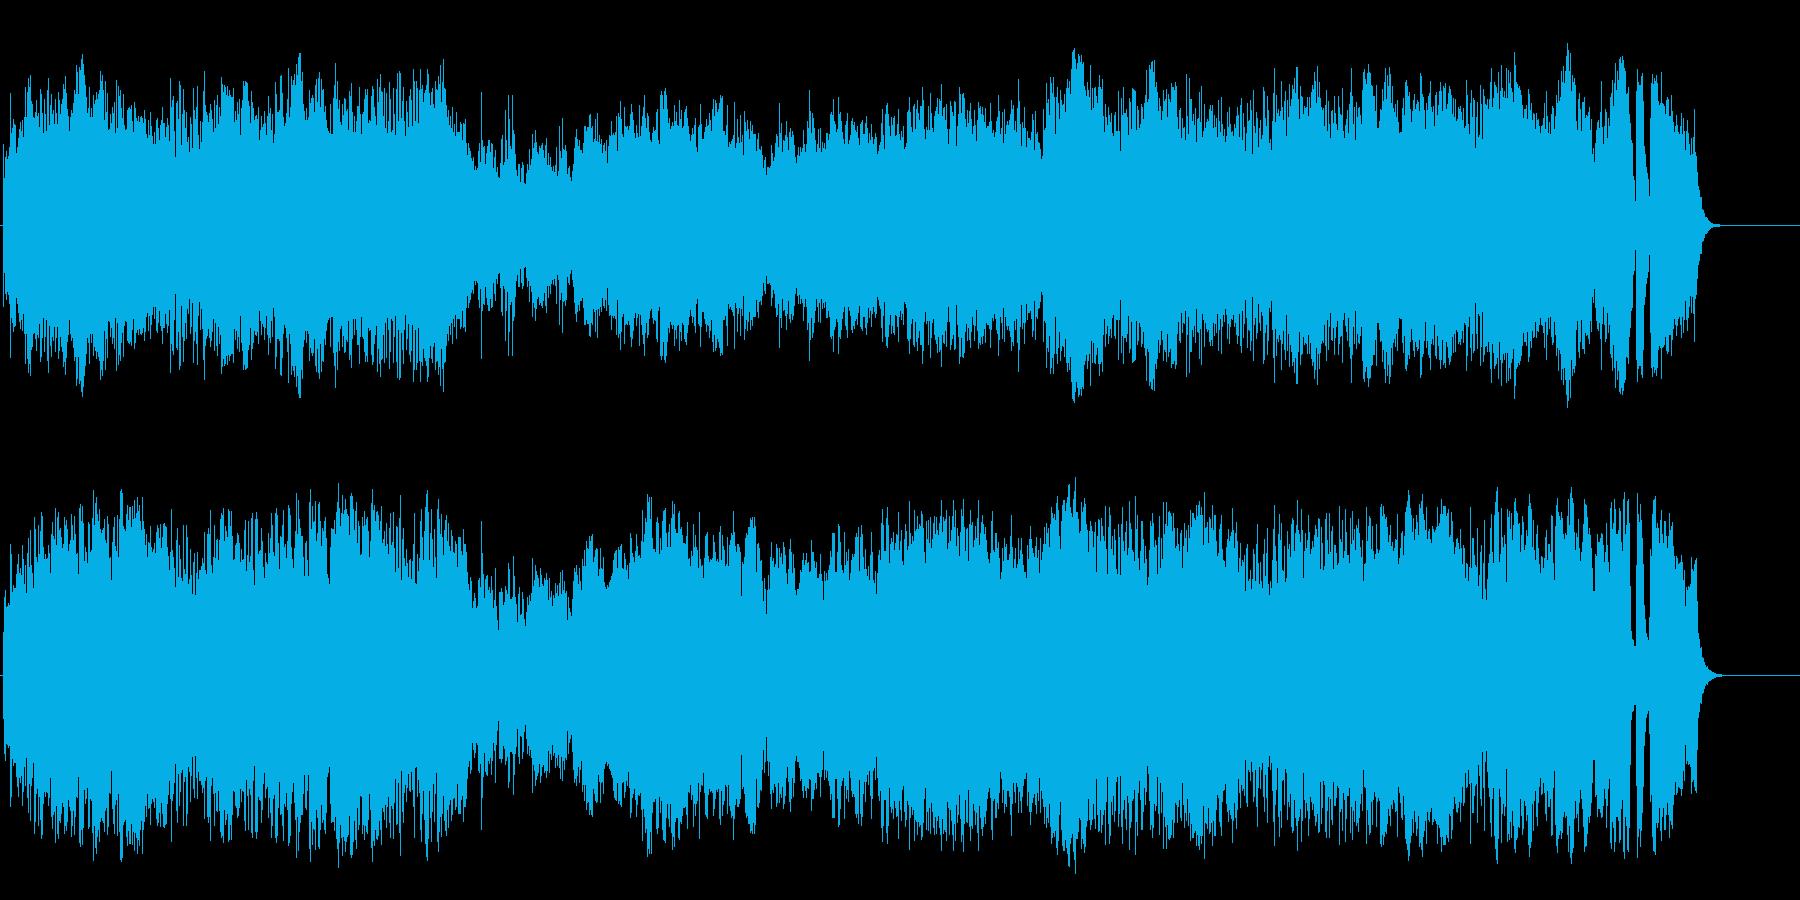 格調高いフル・オーケストラ・クラシックの再生済みの波形